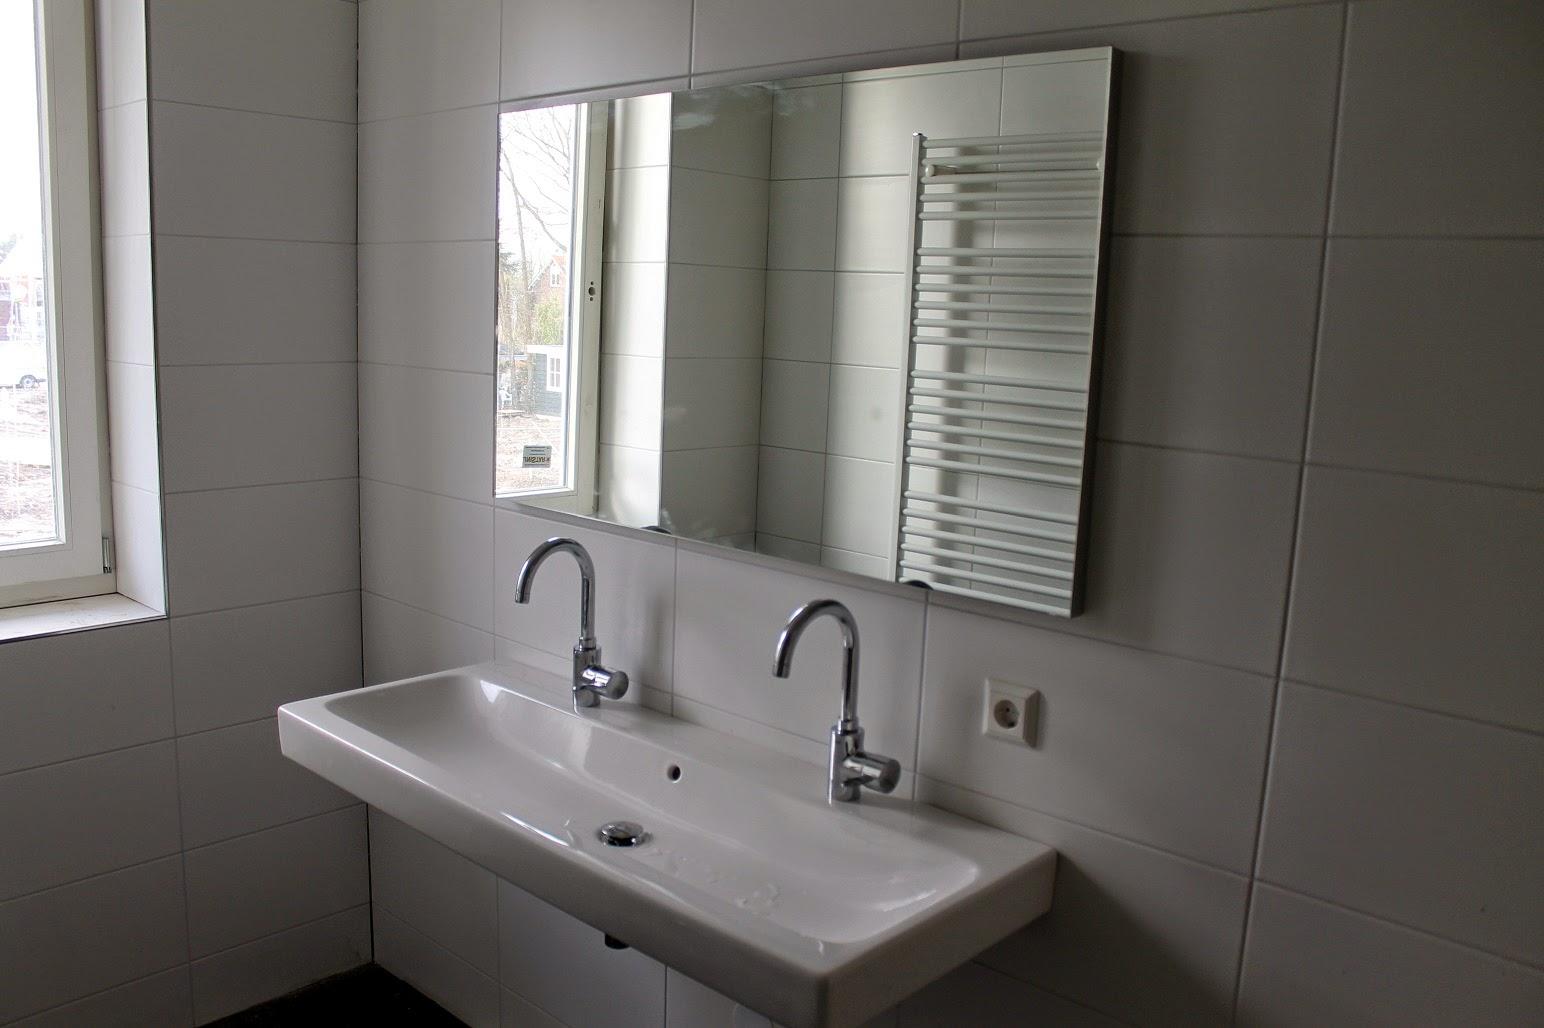 Helen marc olivia bouwen een huis sanitair en vensterbanken - Huis wastafel ...